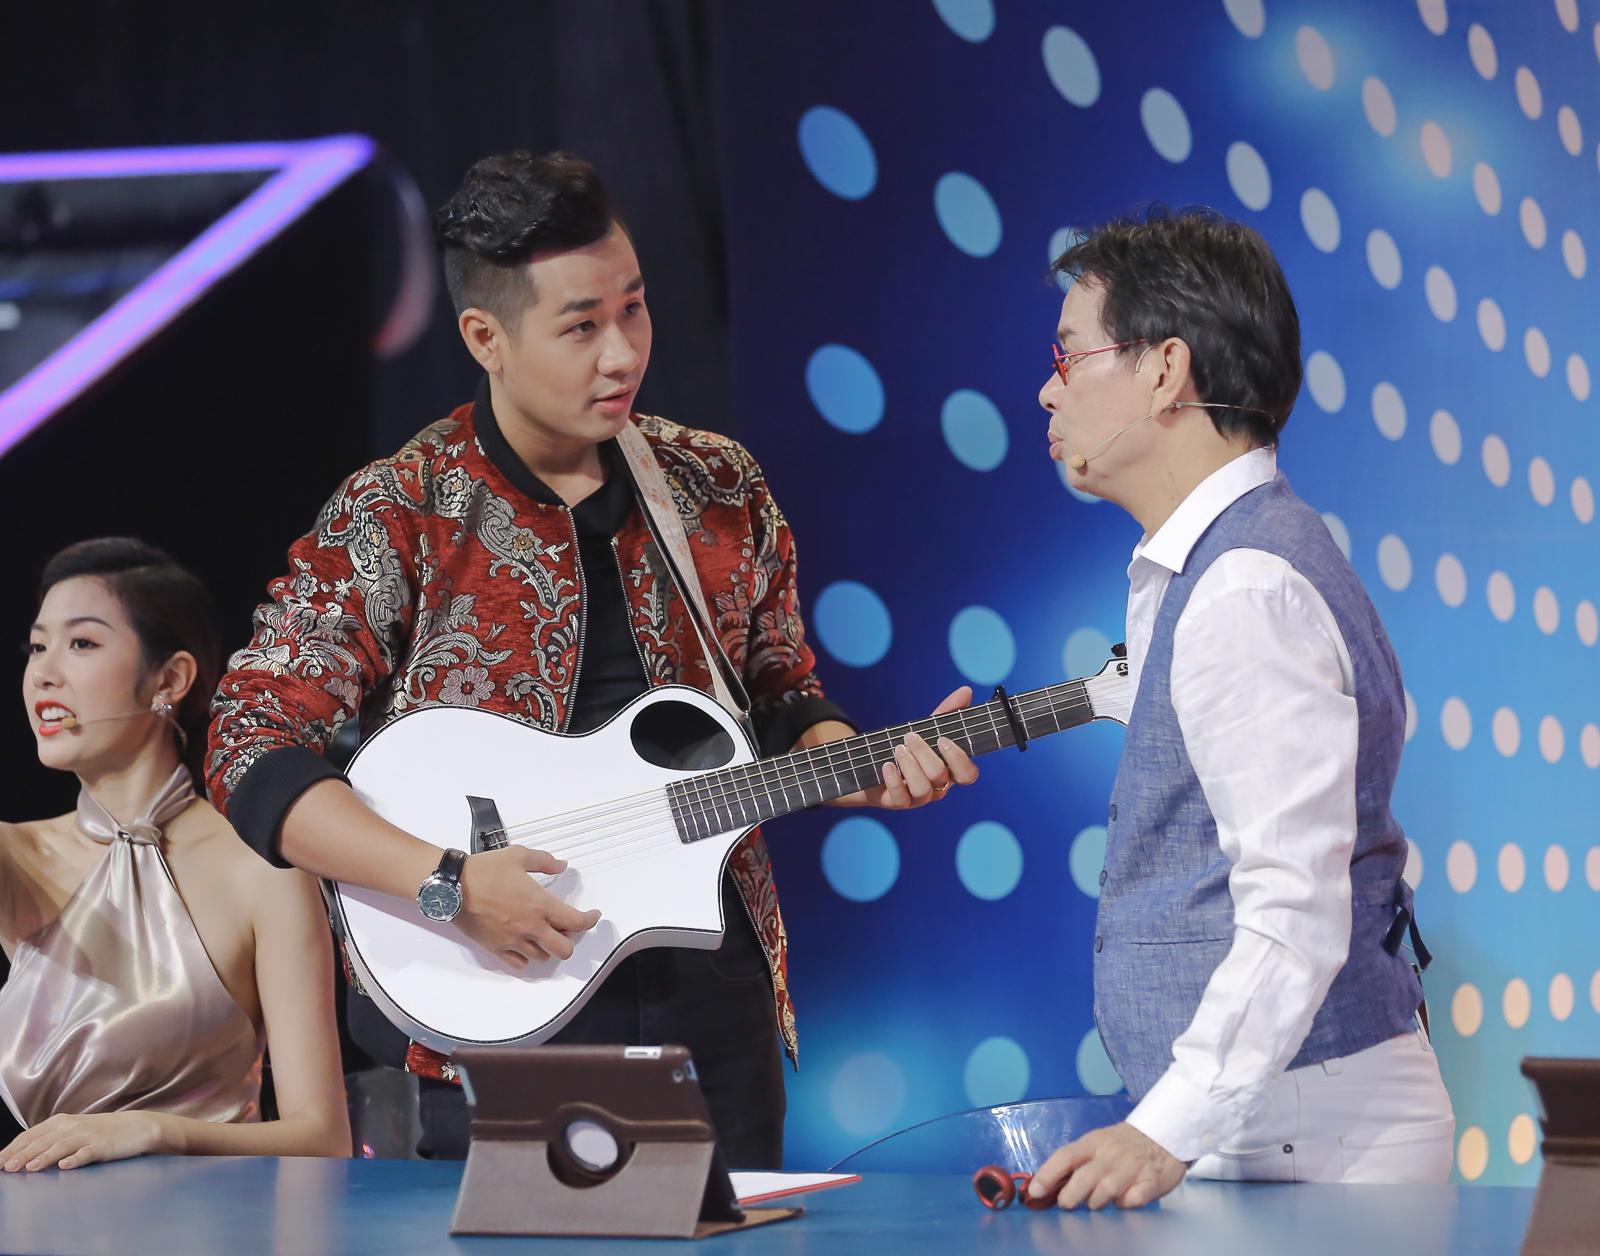 MC Nguyên Khang điển trai như soái ca trên sân khấu Người hát tình ca 7